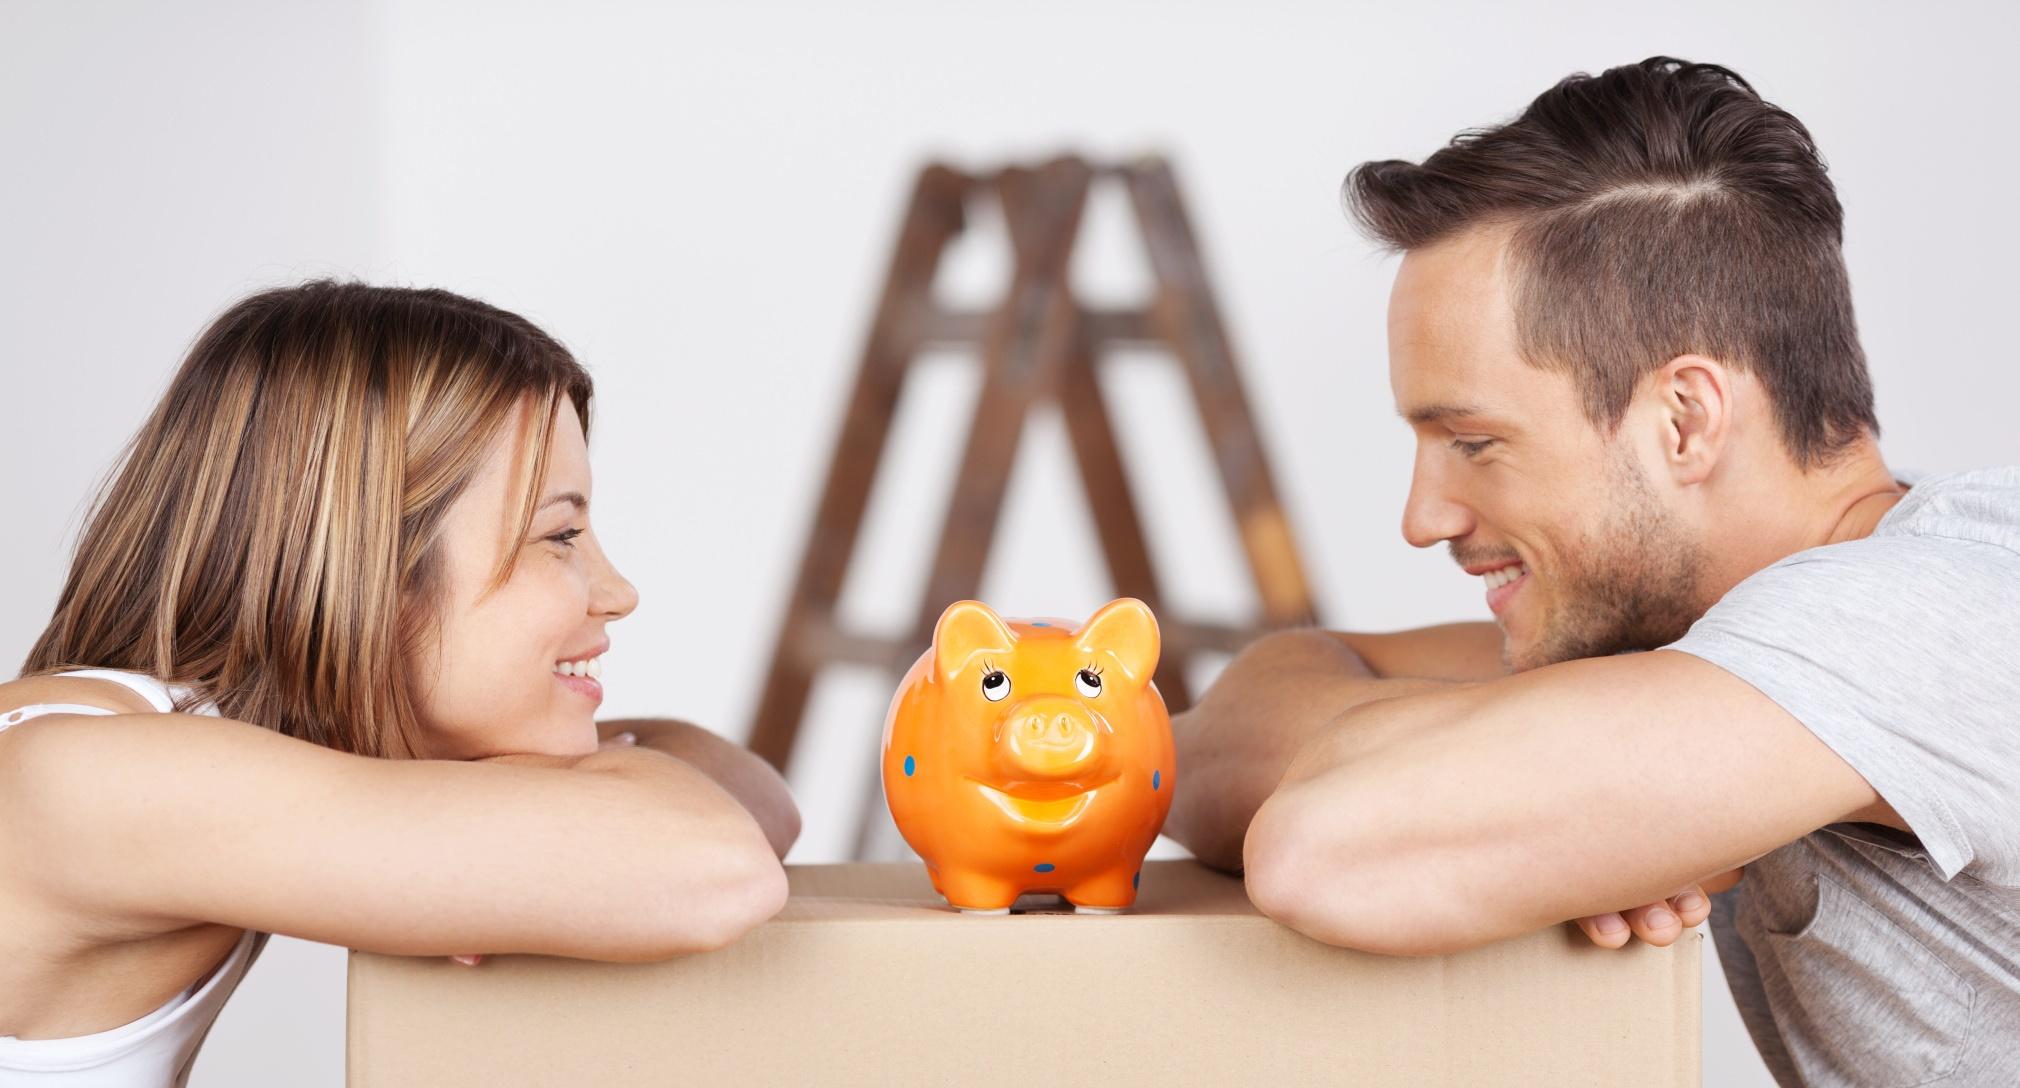 Kan kredittkortbruk gi deg skattefradrag?